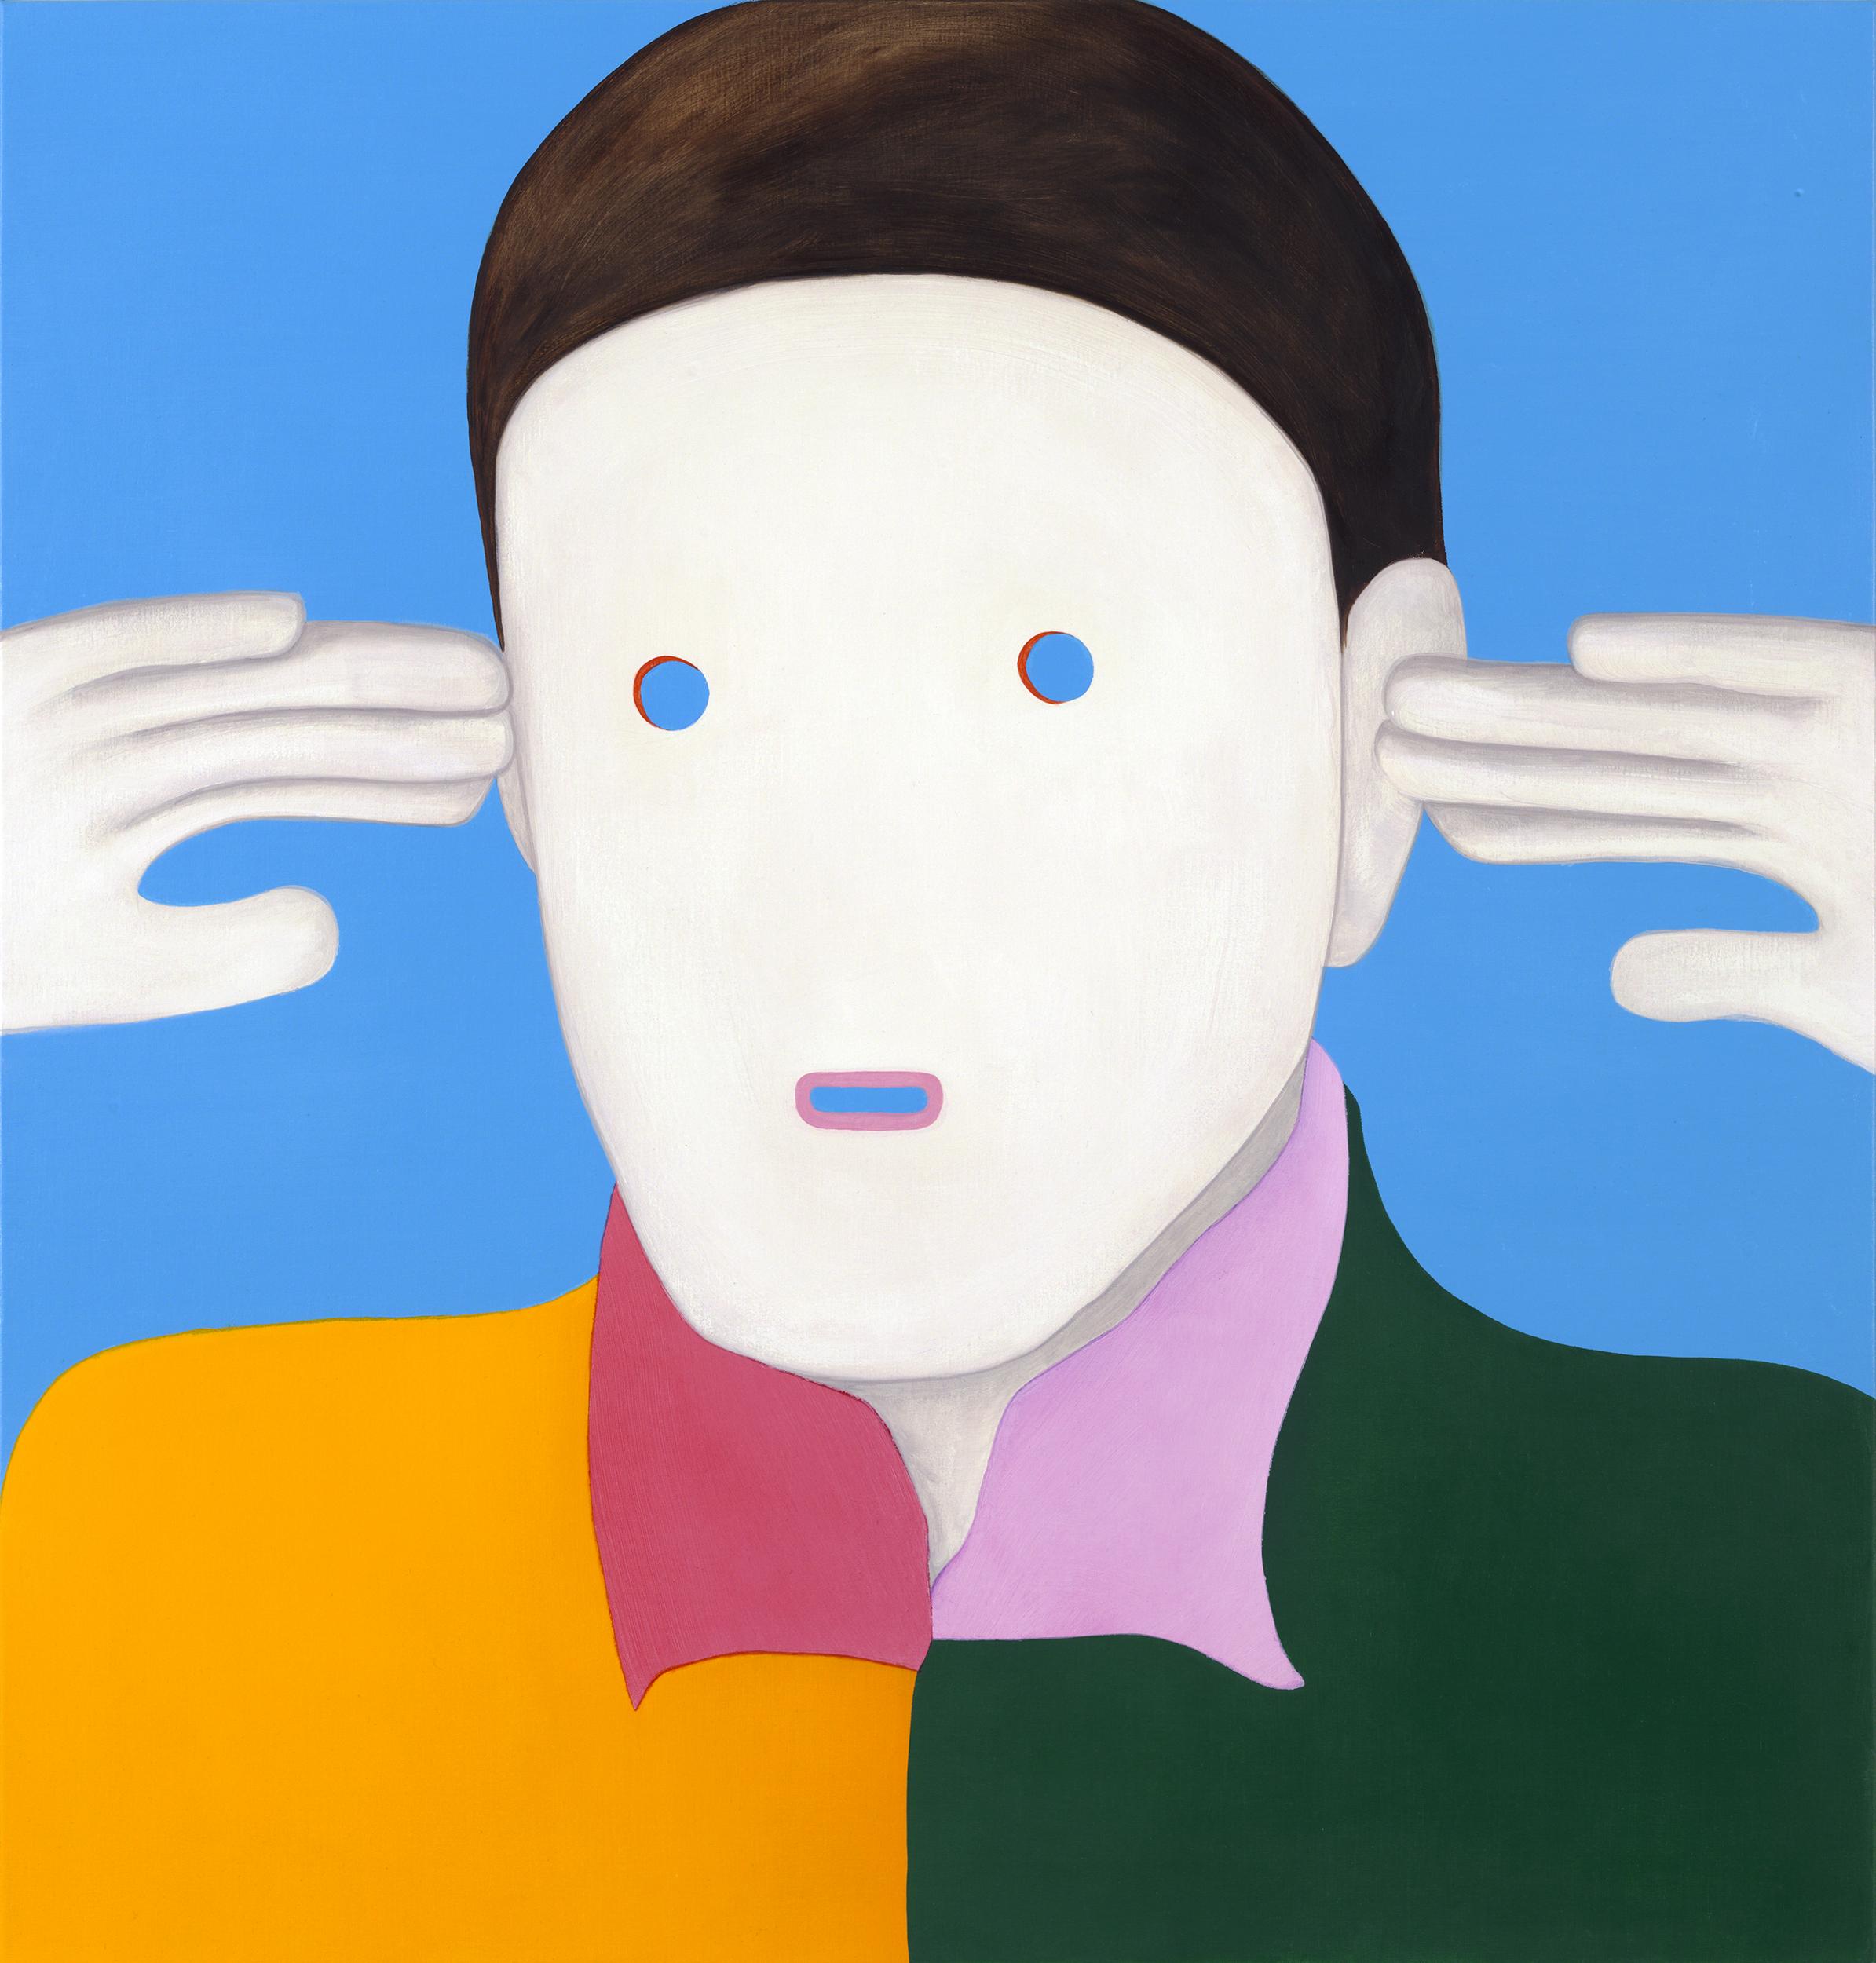 Head, painting by Wouter van Riessen